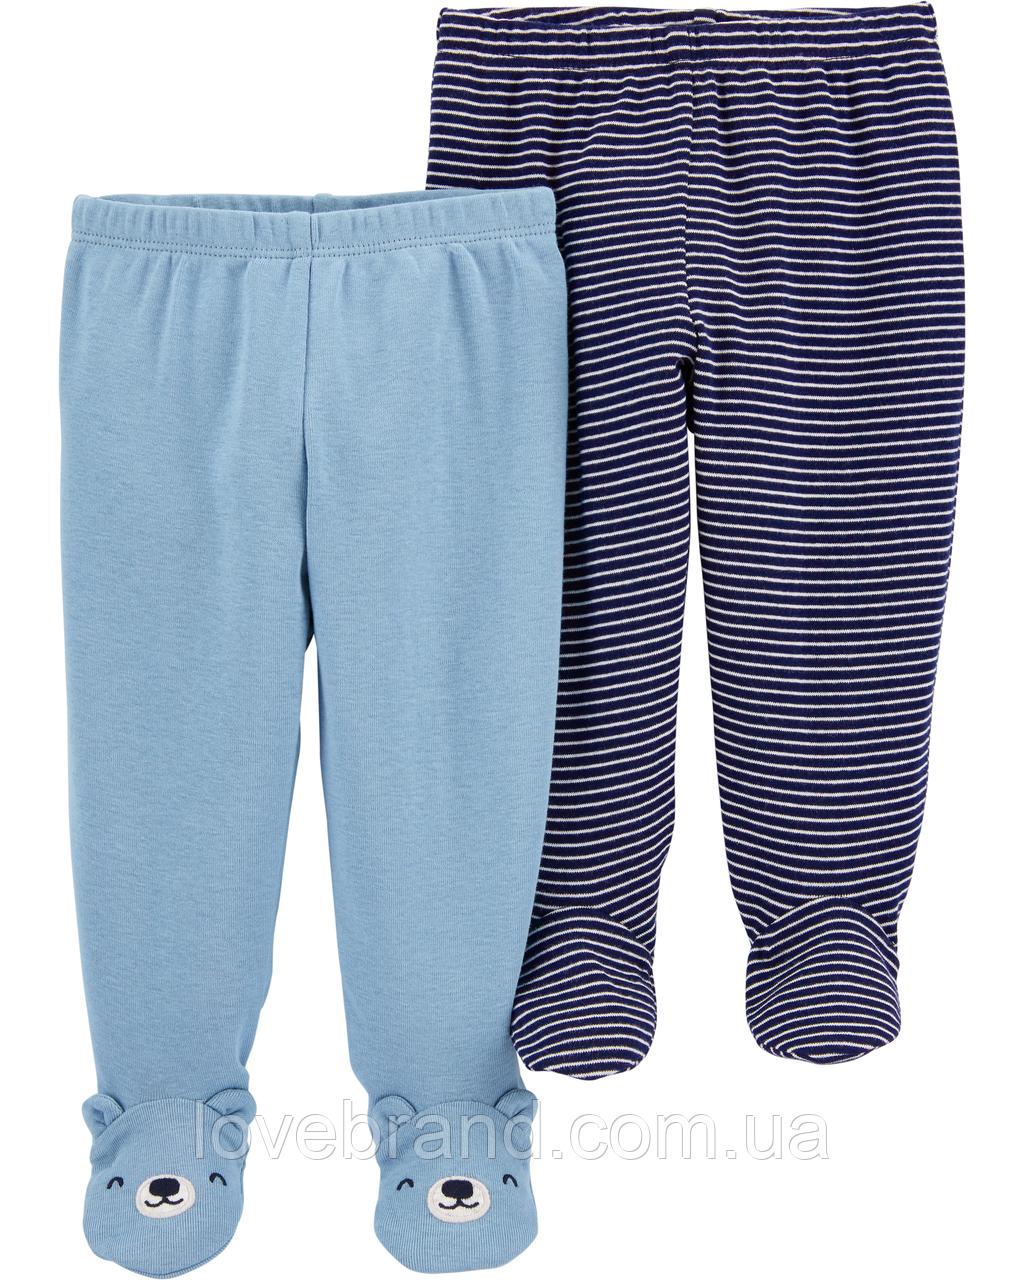 Хлопковые ползунки для мальчика синего цвета Carter's